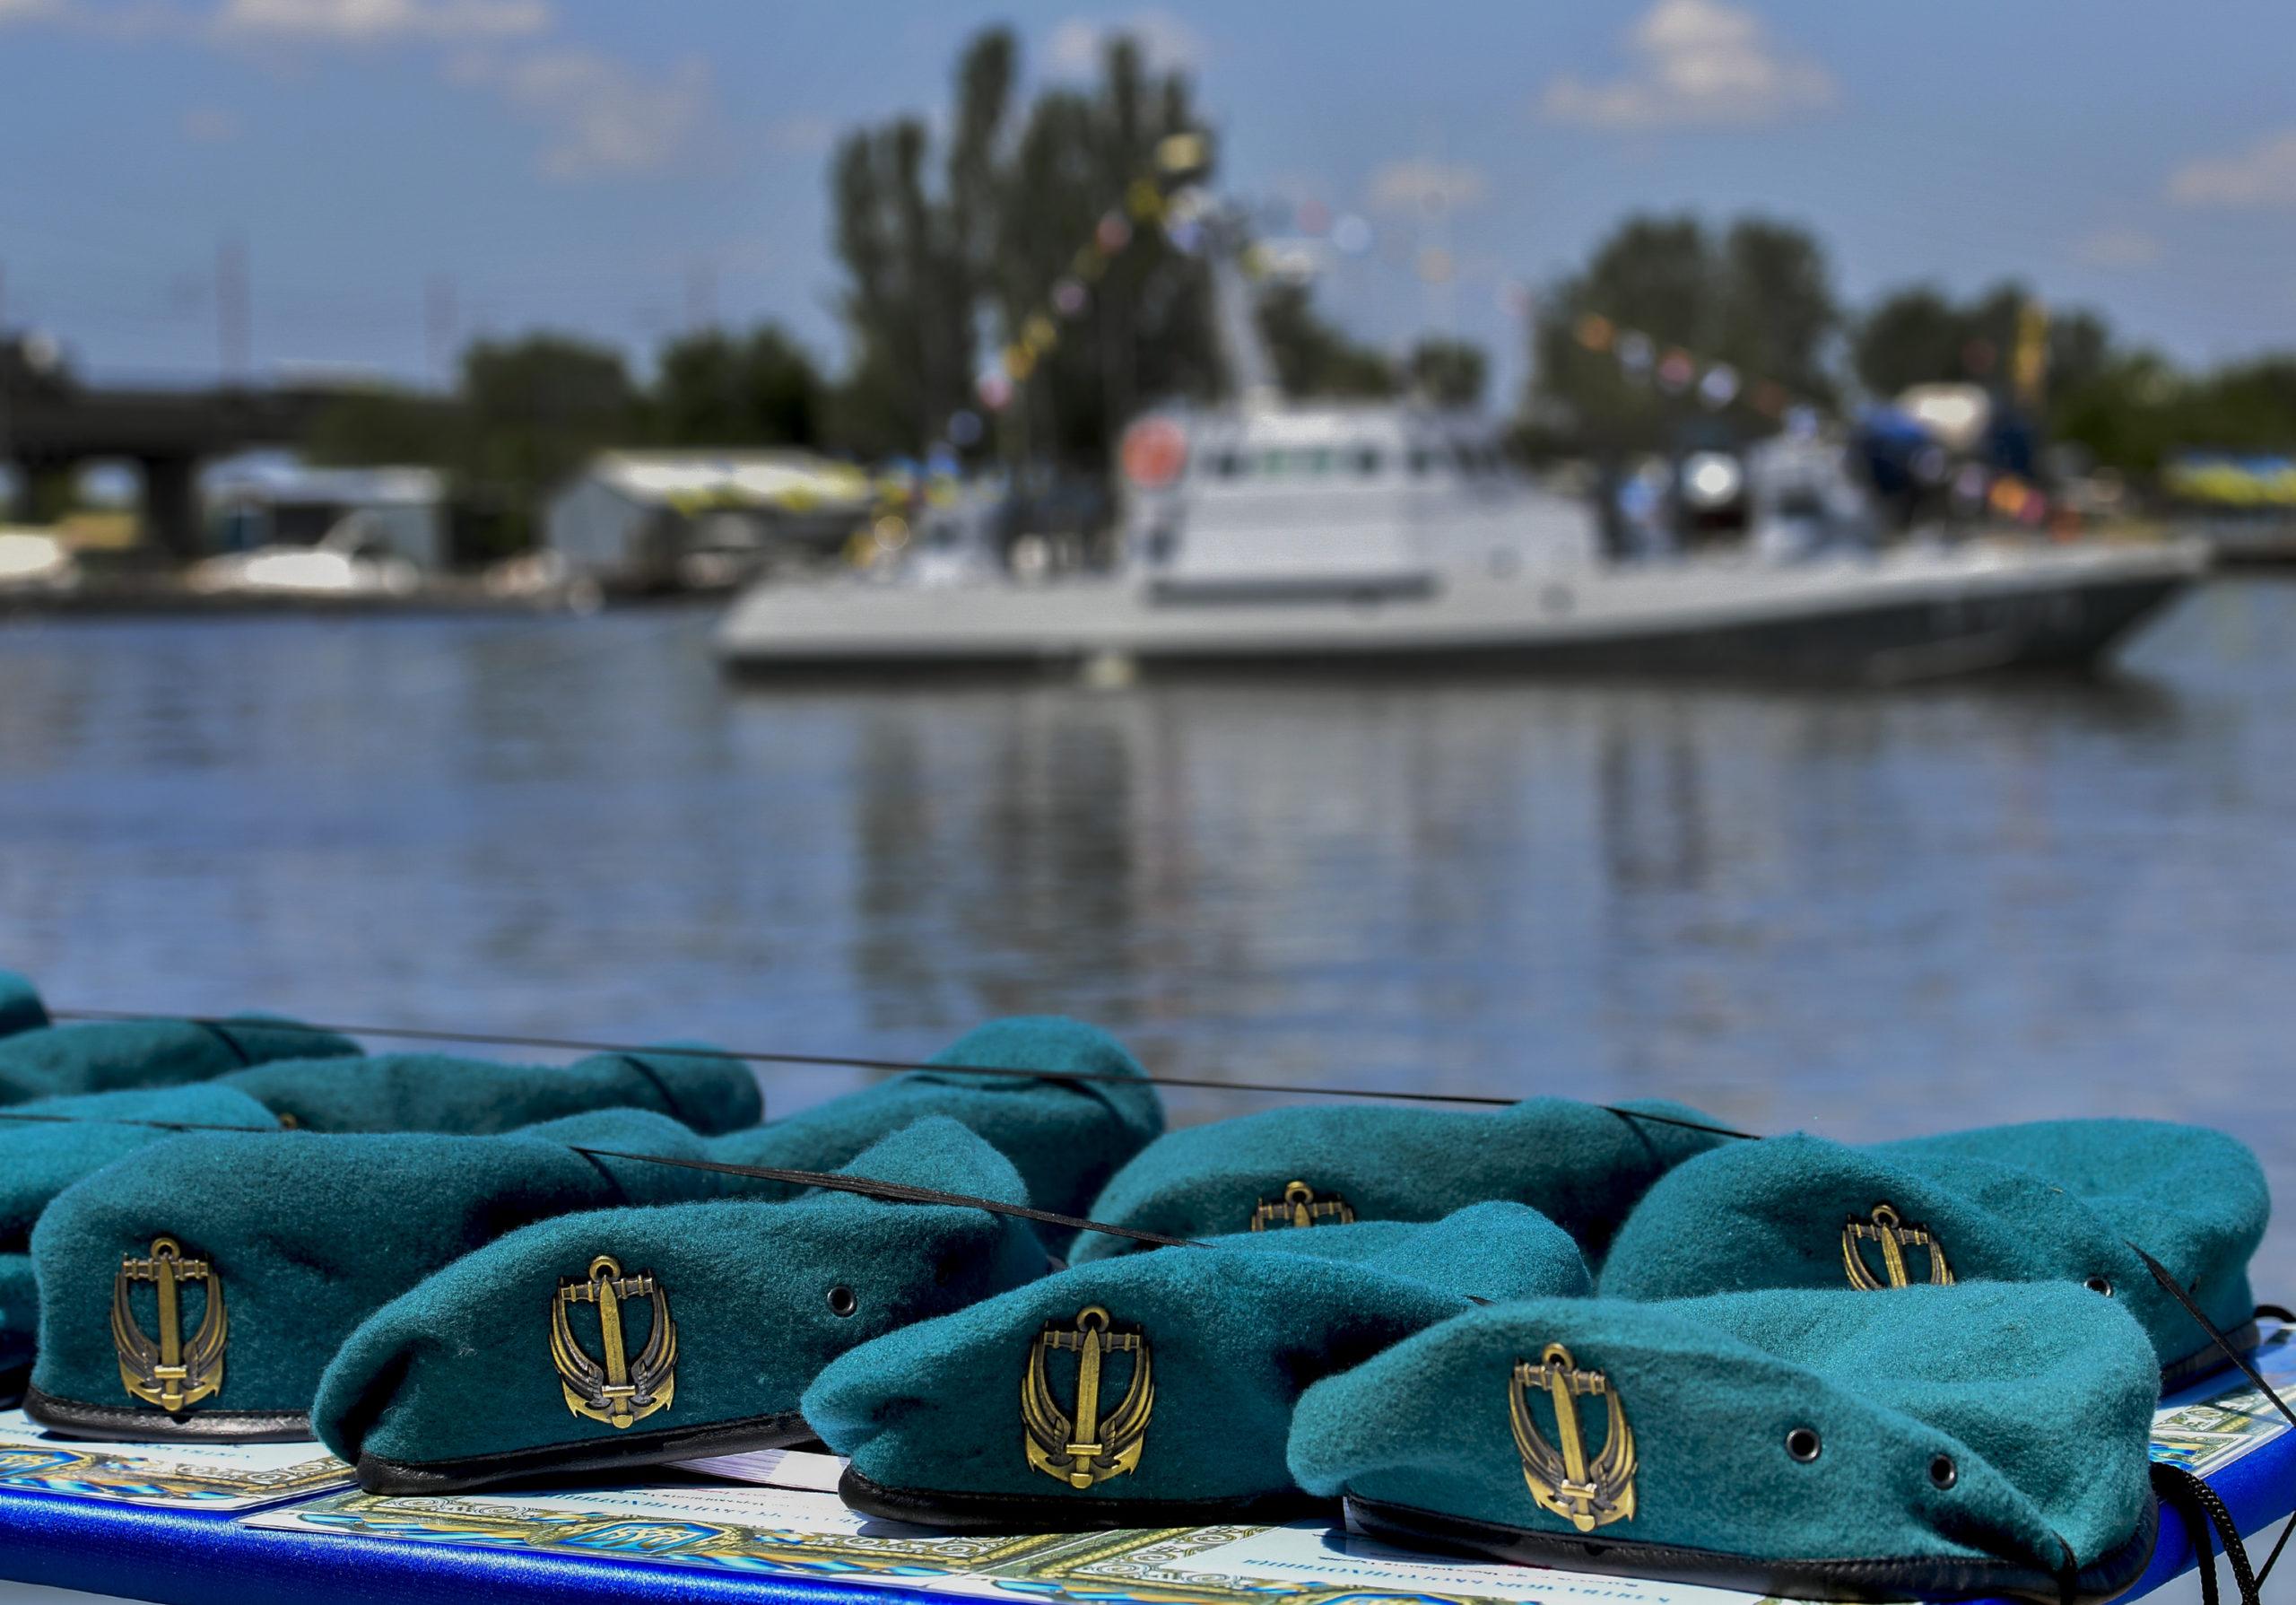 Командувач Об'єднаних сил привітав морських піхотинців із професійним святом. ВІДЕО